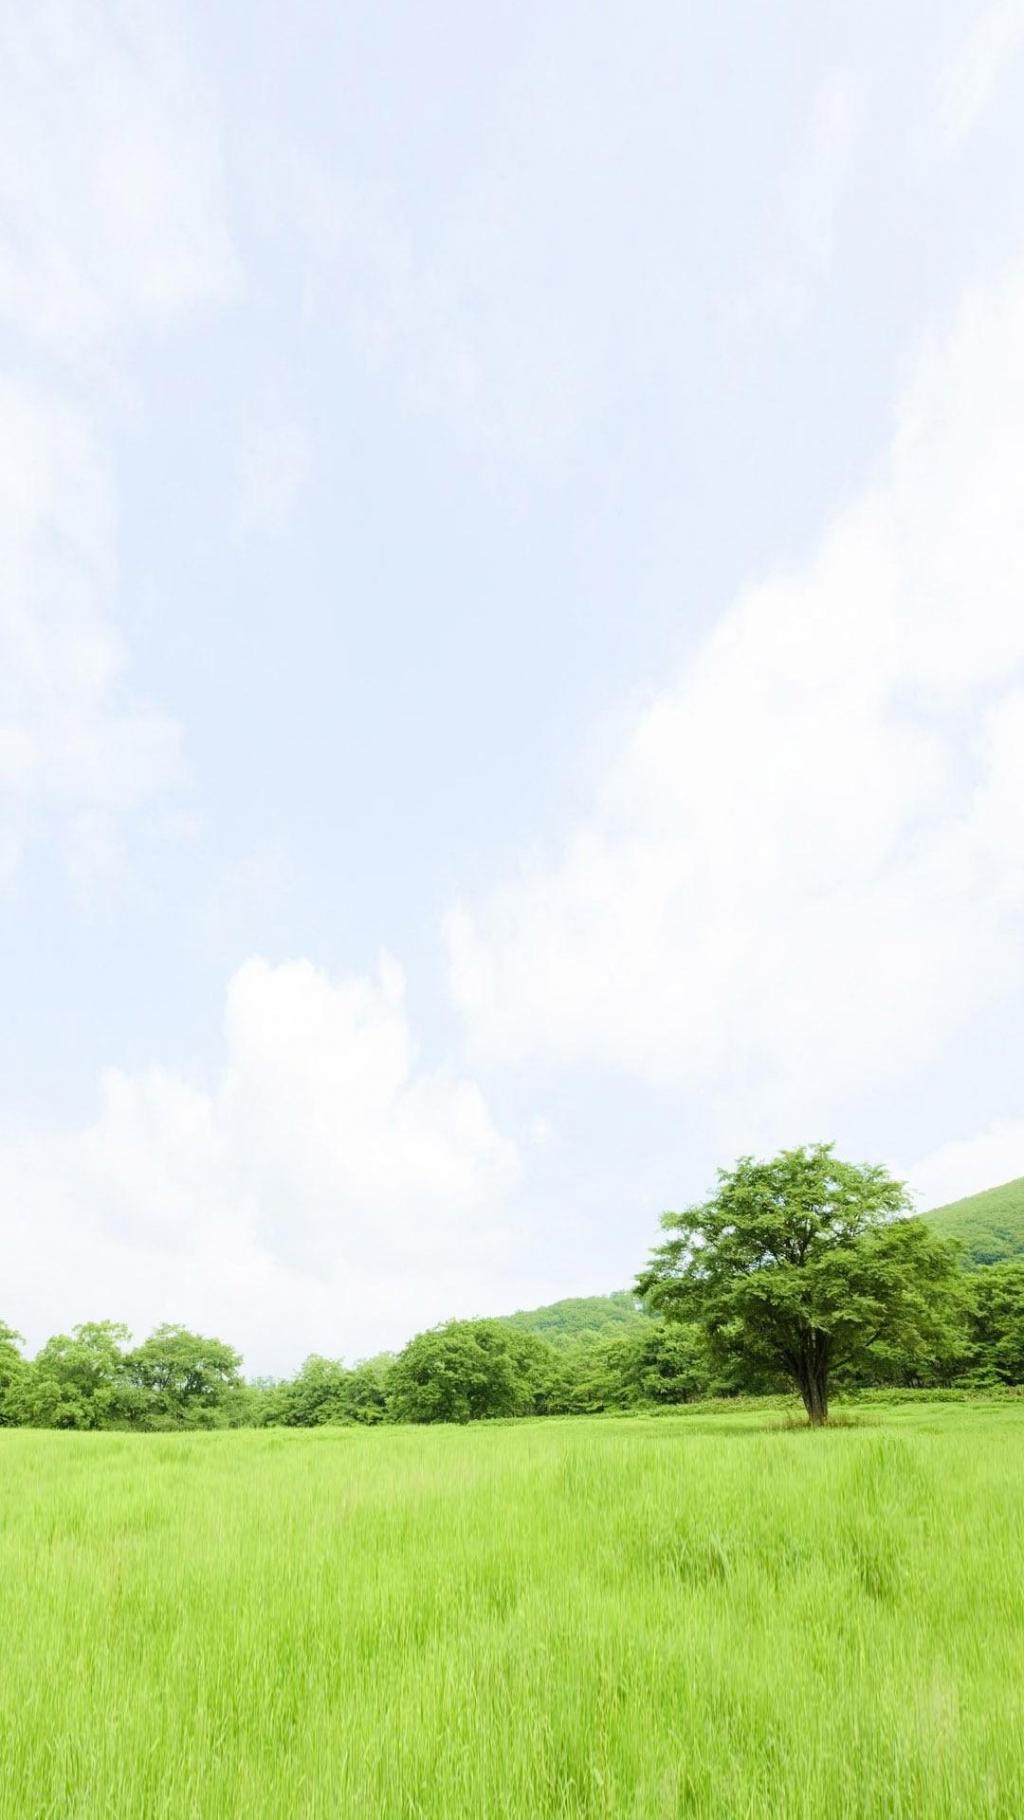 小清新绿色护眼草原风景